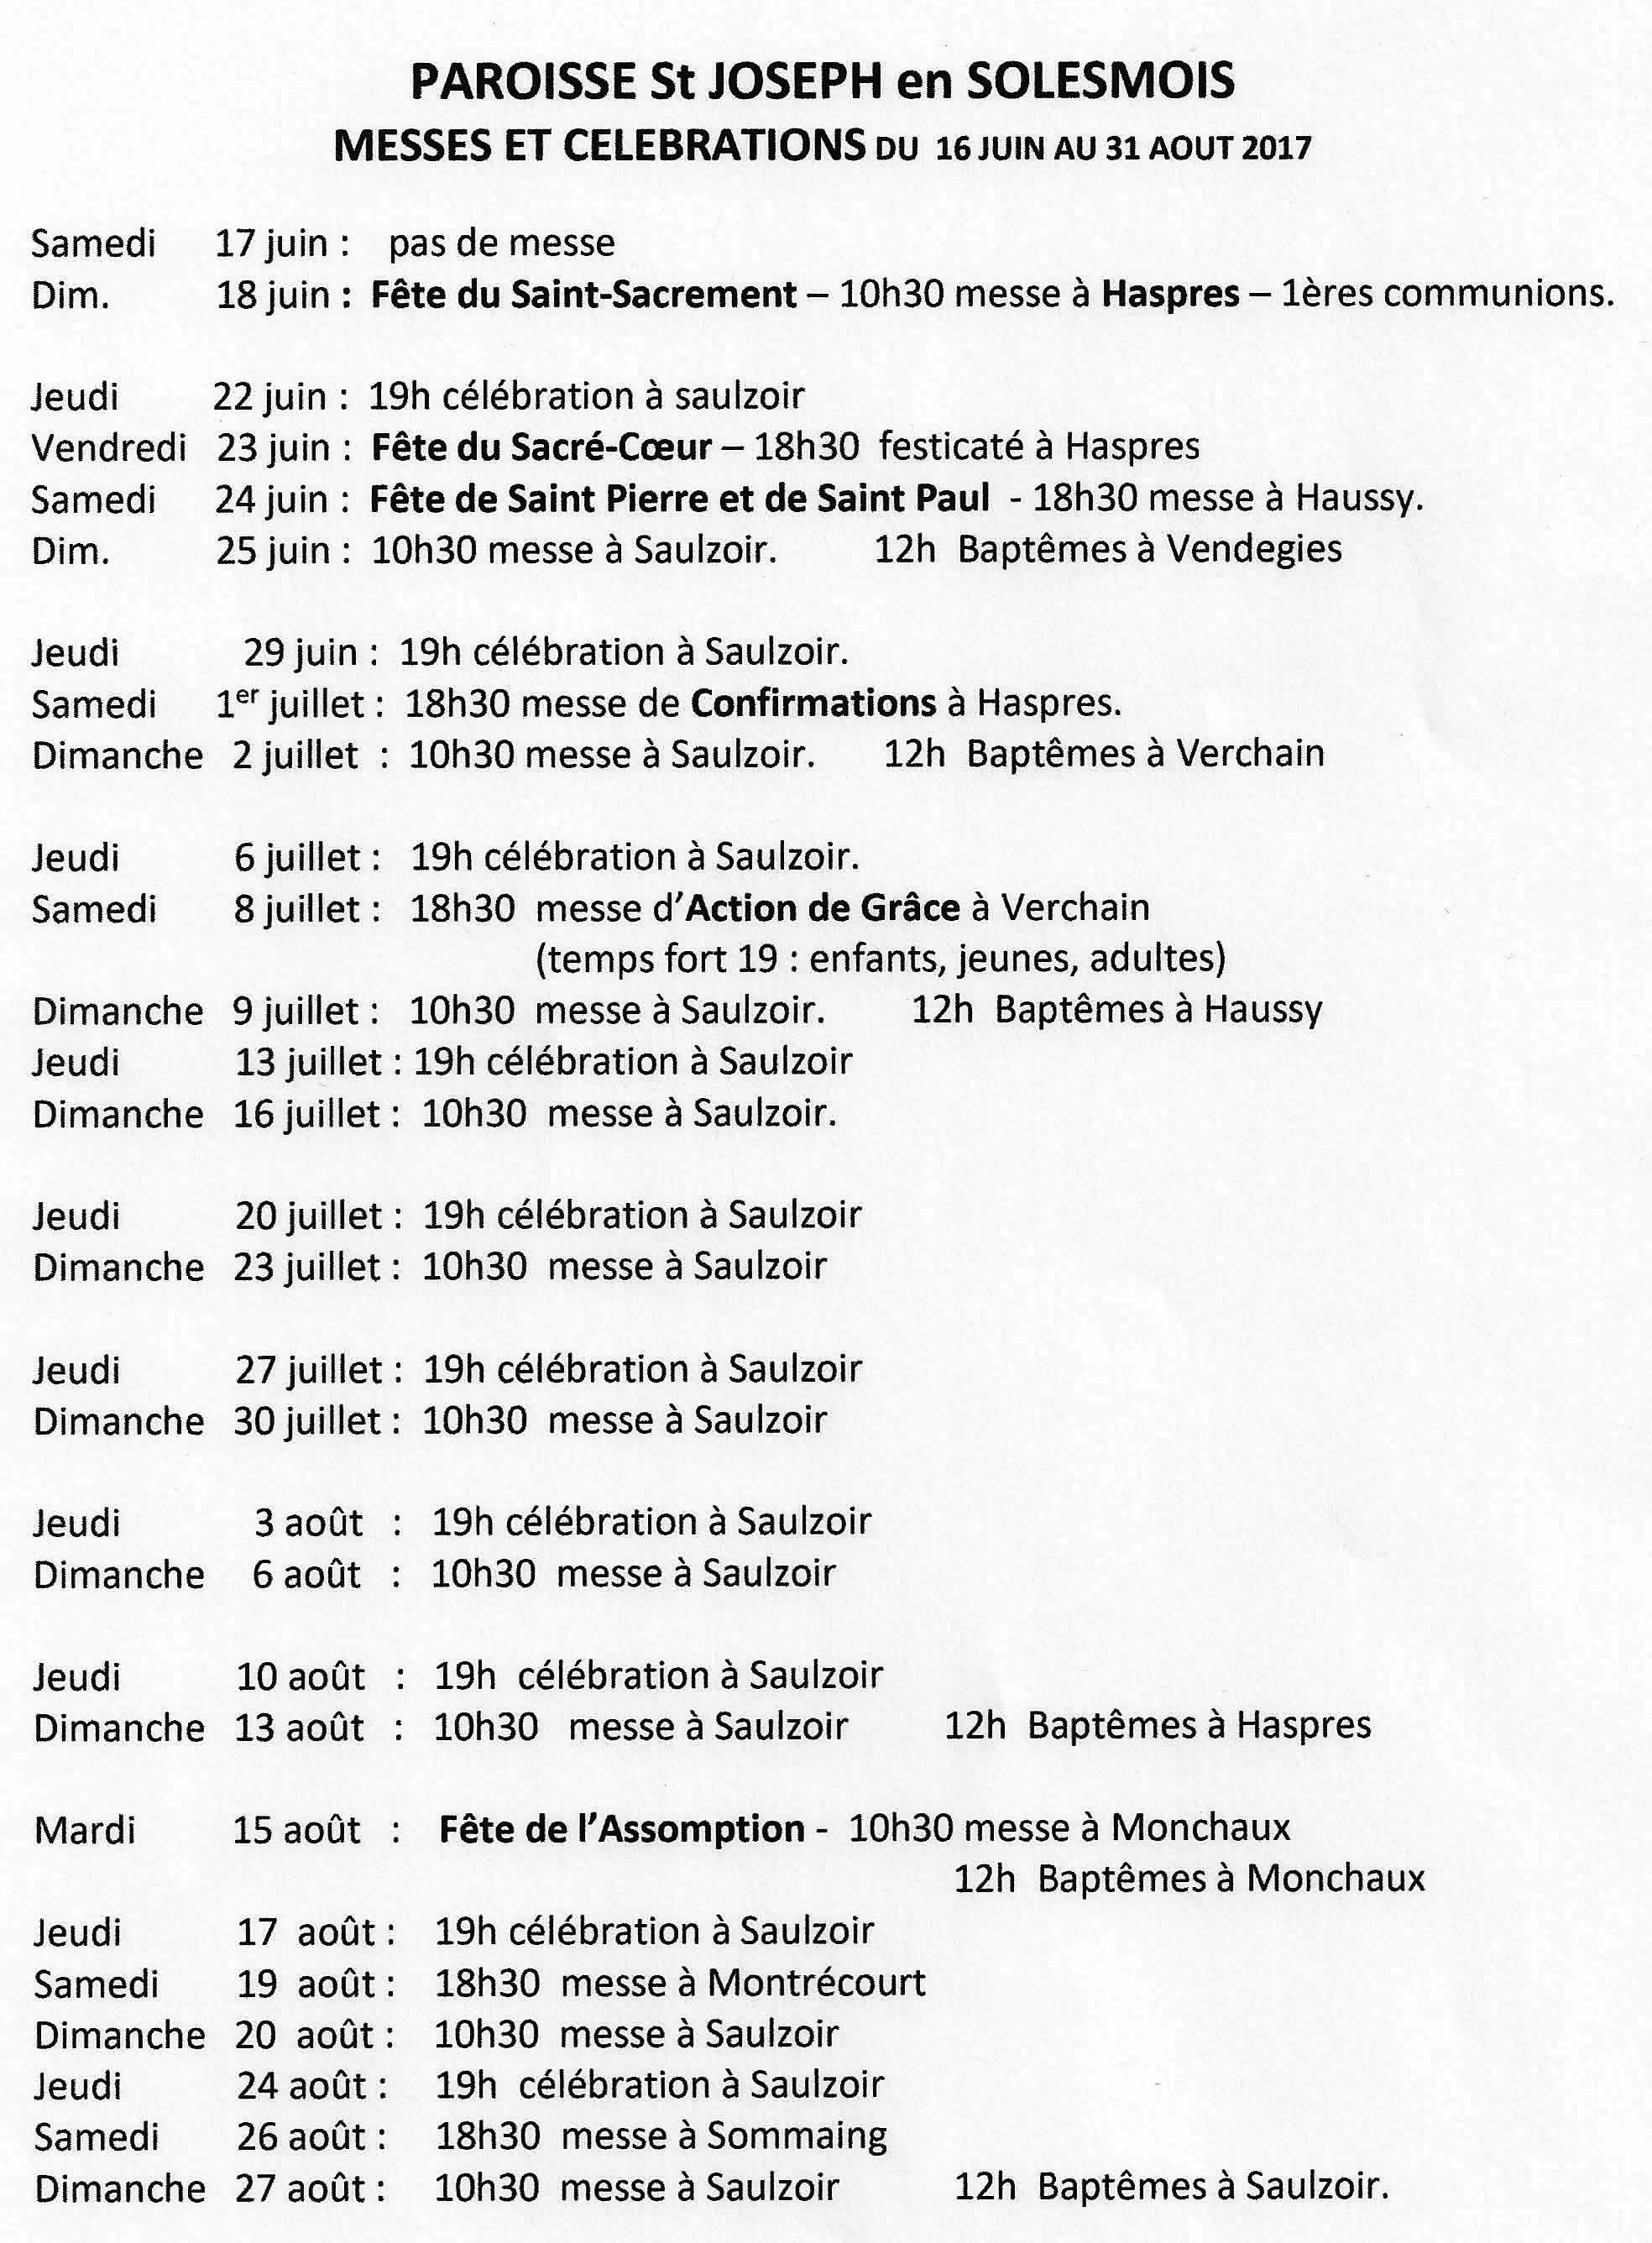 messes paroisse st joseph en solesmois 18 06 - 27